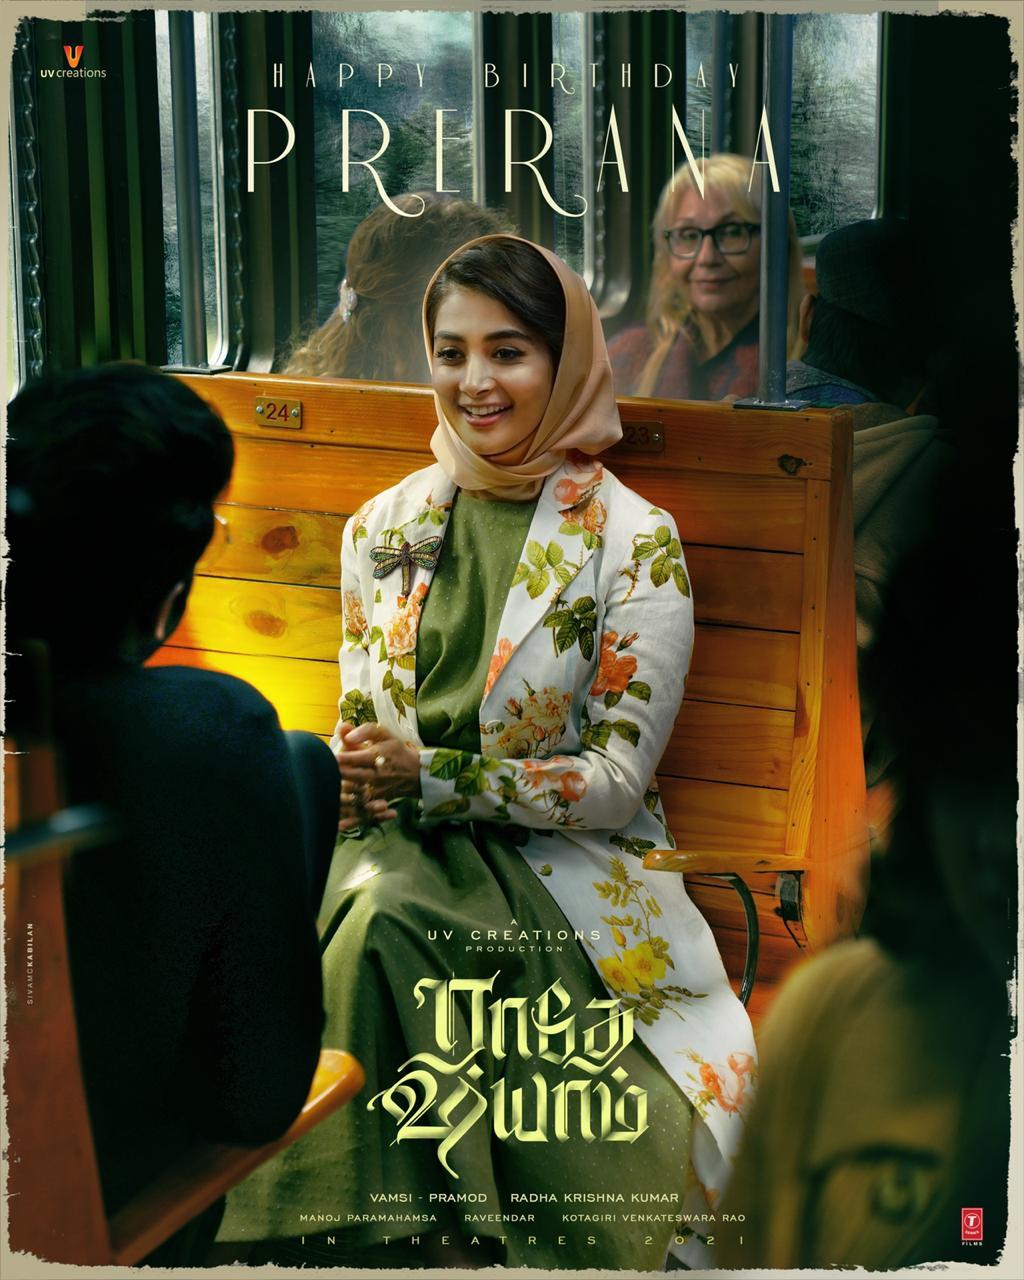 హీరోయిన్గా పూజా హెగ్డేకు ఇది ఫస్ట్ ప్యాన్ ఇండియా మూవీ. ఈ చిత్రం పునర్జన్మల నేపథ్యంలో తెరకెక్కుతున్నట్టు సమాచారం. (Twitter/Photo)